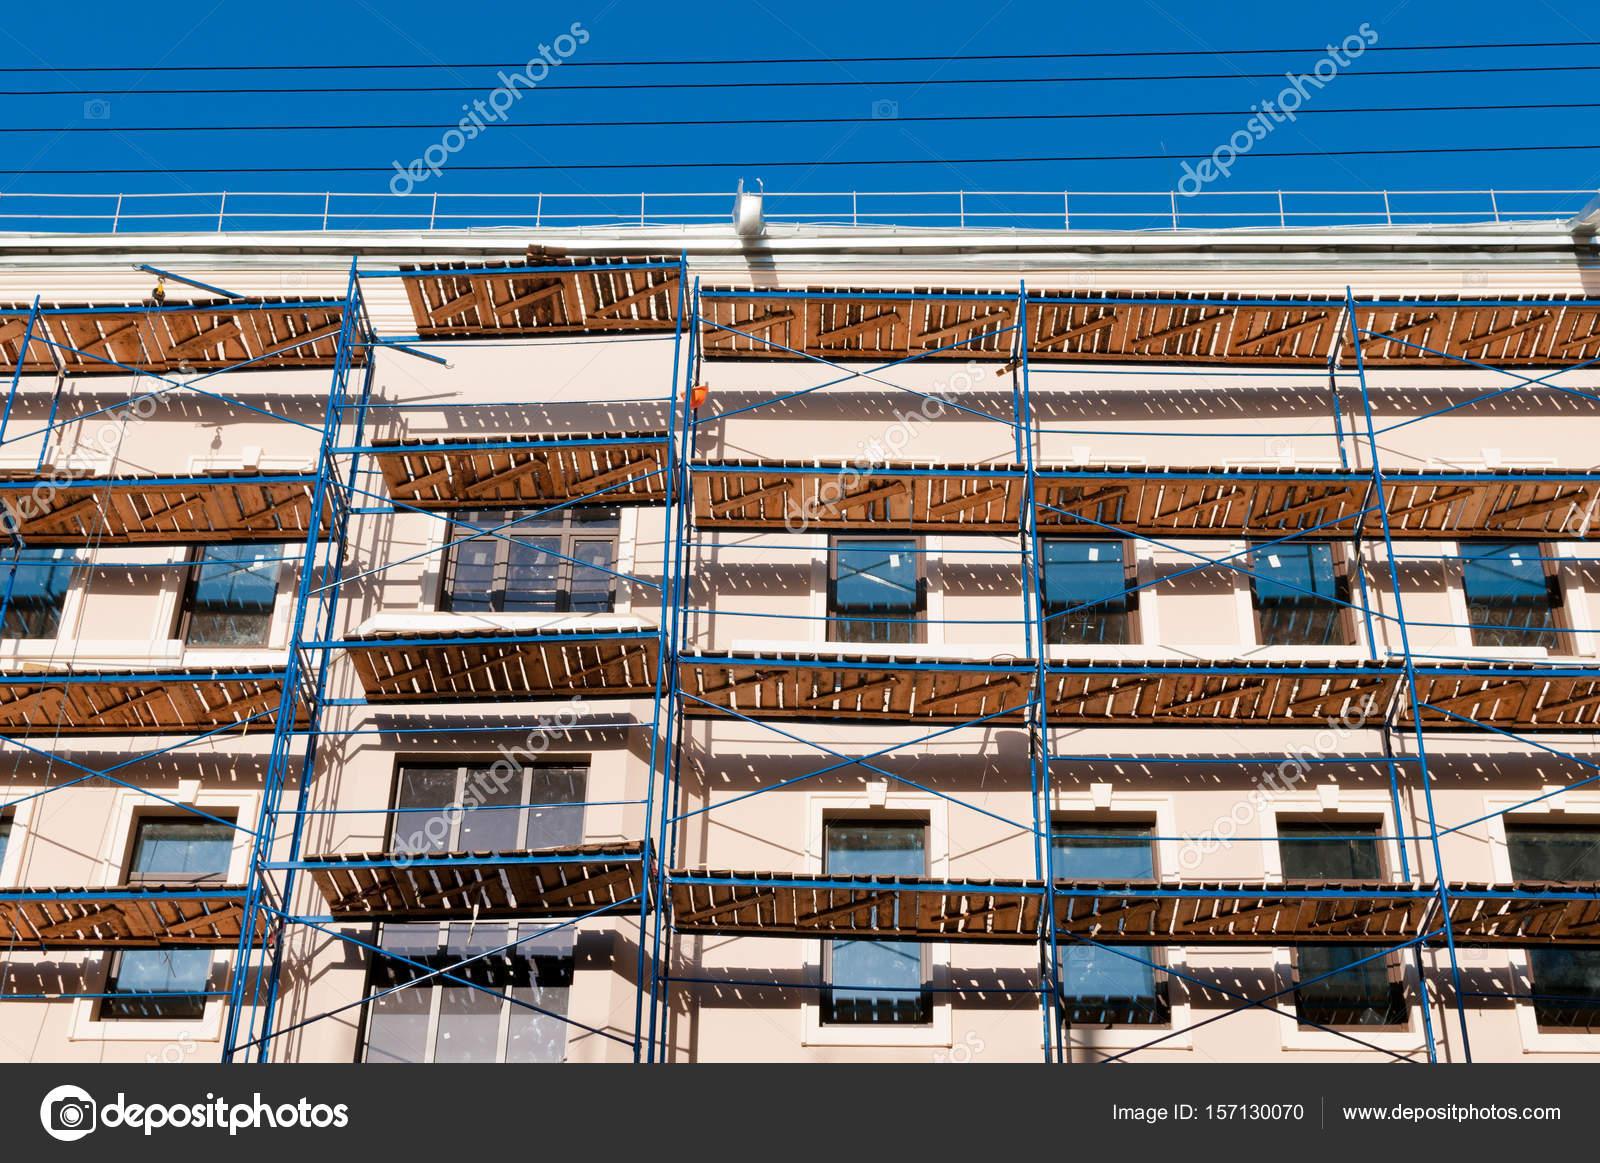 Gerüst auf ein Gebäude-Fassade — Stockfoto © OlgaVisavi #157130070